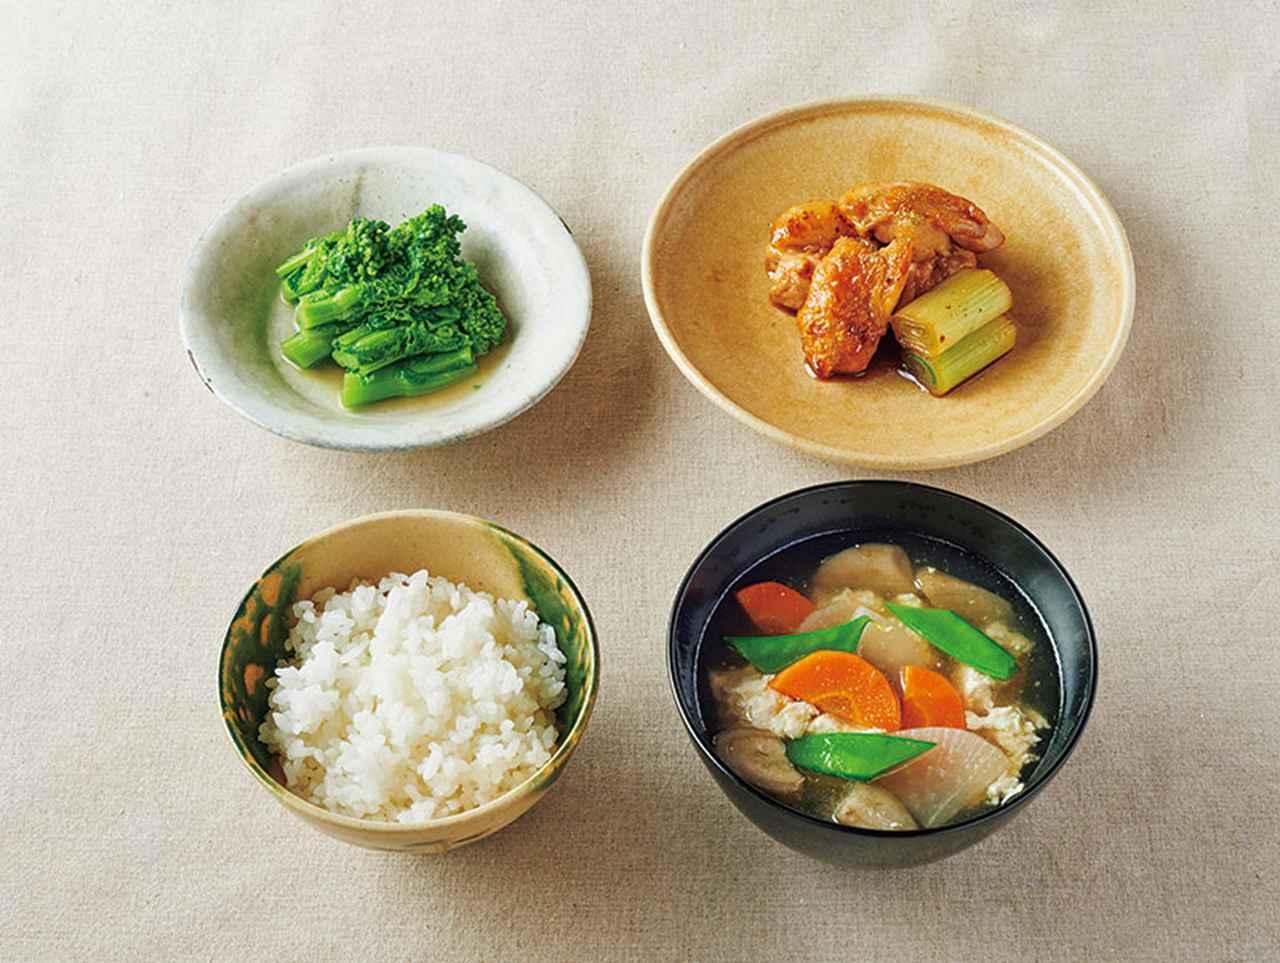 画像: 左上から時計回り:菜の花の辛子あえ/鳥のくわ焼き/豆腐のけんちん汁/ごはん